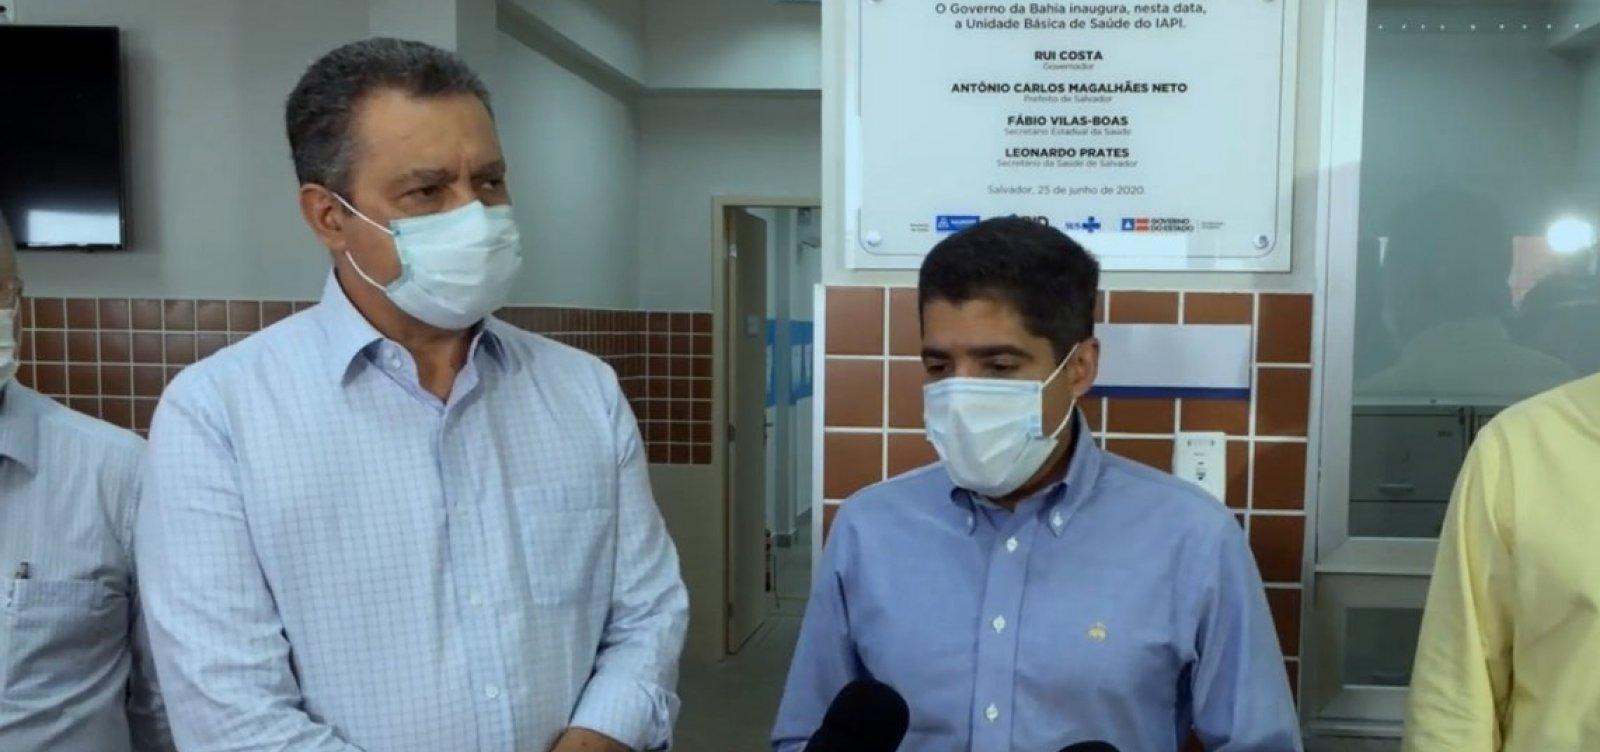 [Rui Costa e ACM Neto inauguram Unidade Básica de Saúde do IAPI]